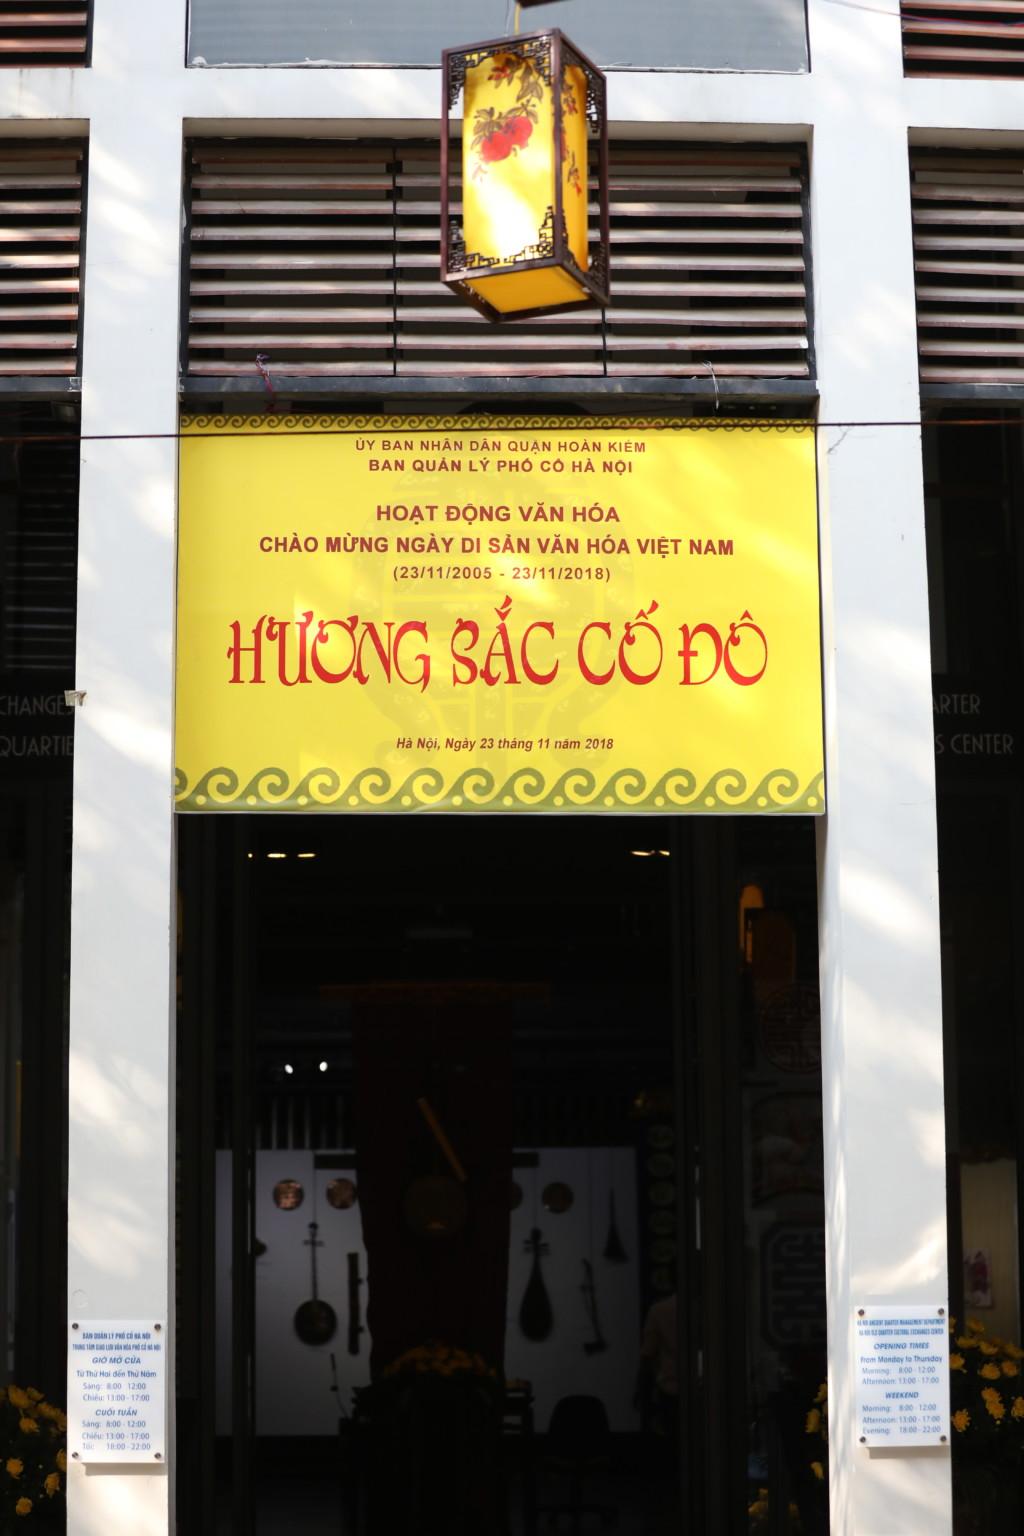 ハノイの歴史に関する展示会